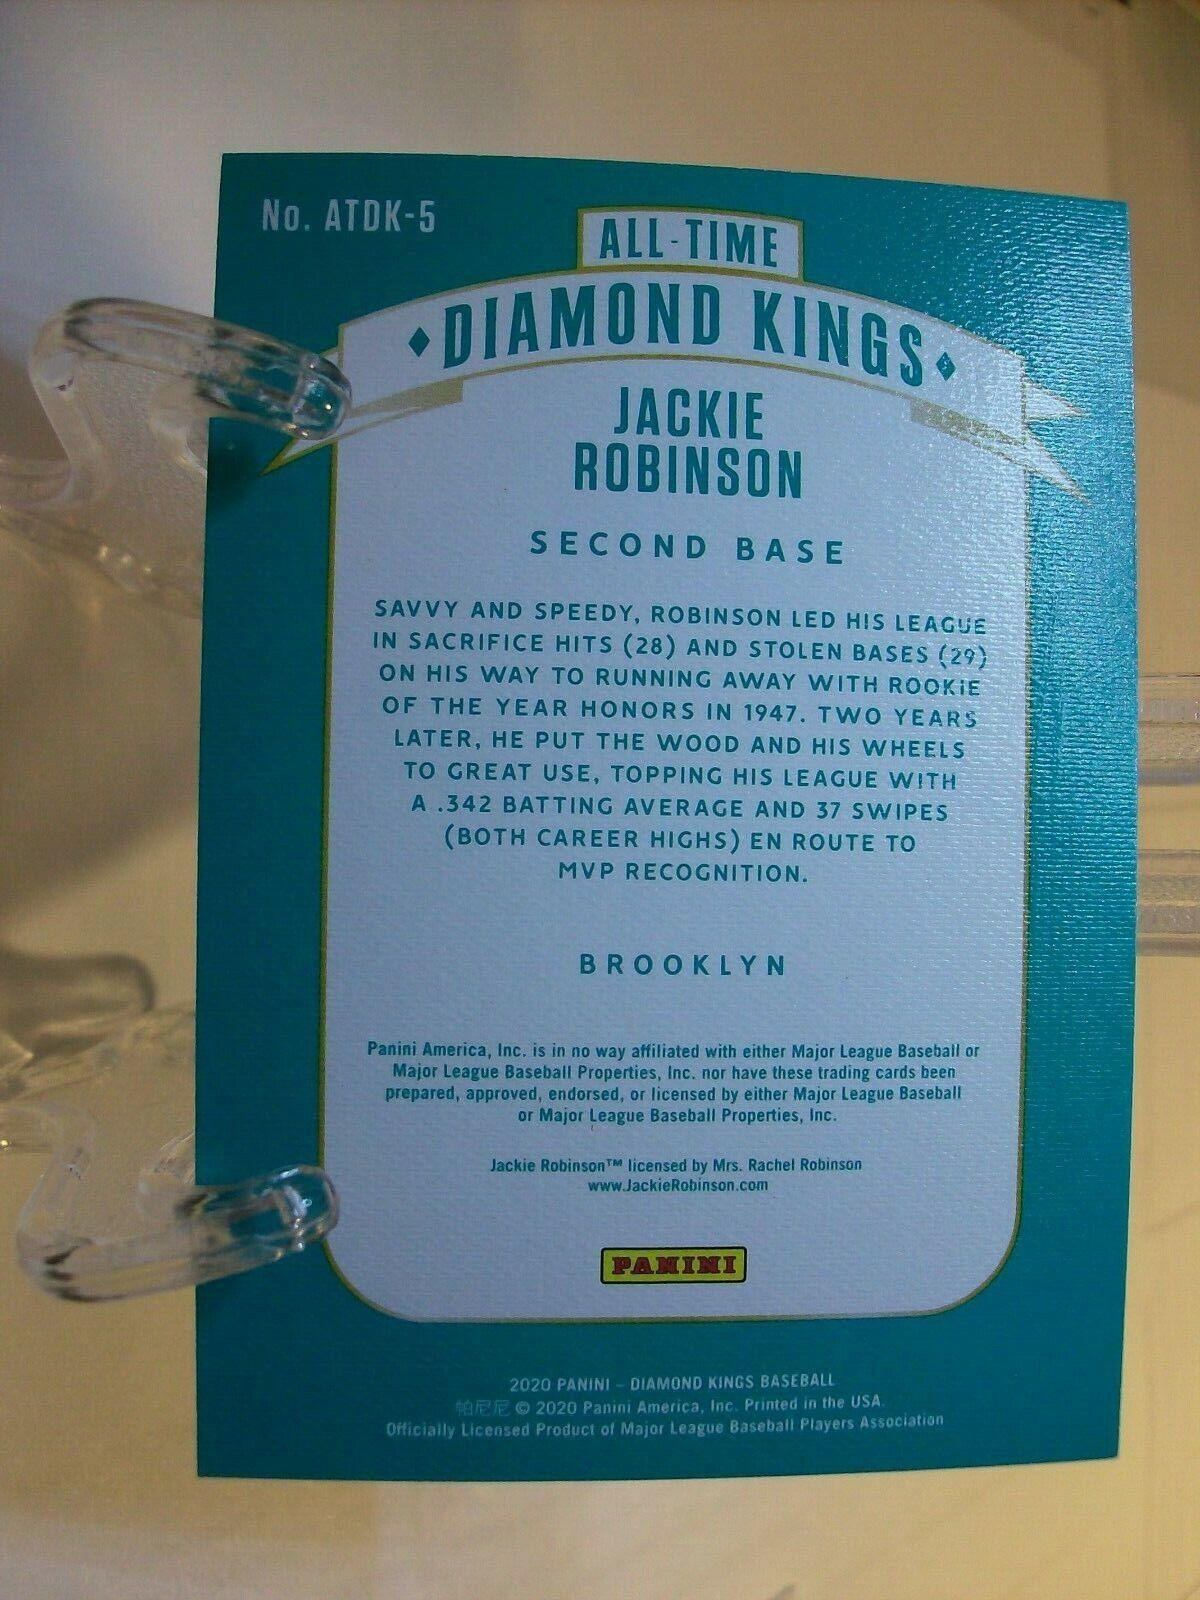 2020 Panini Diamond Kings All-Time Diamond Kings ATDK-5 Jackie Robinson 66269  - $2.33